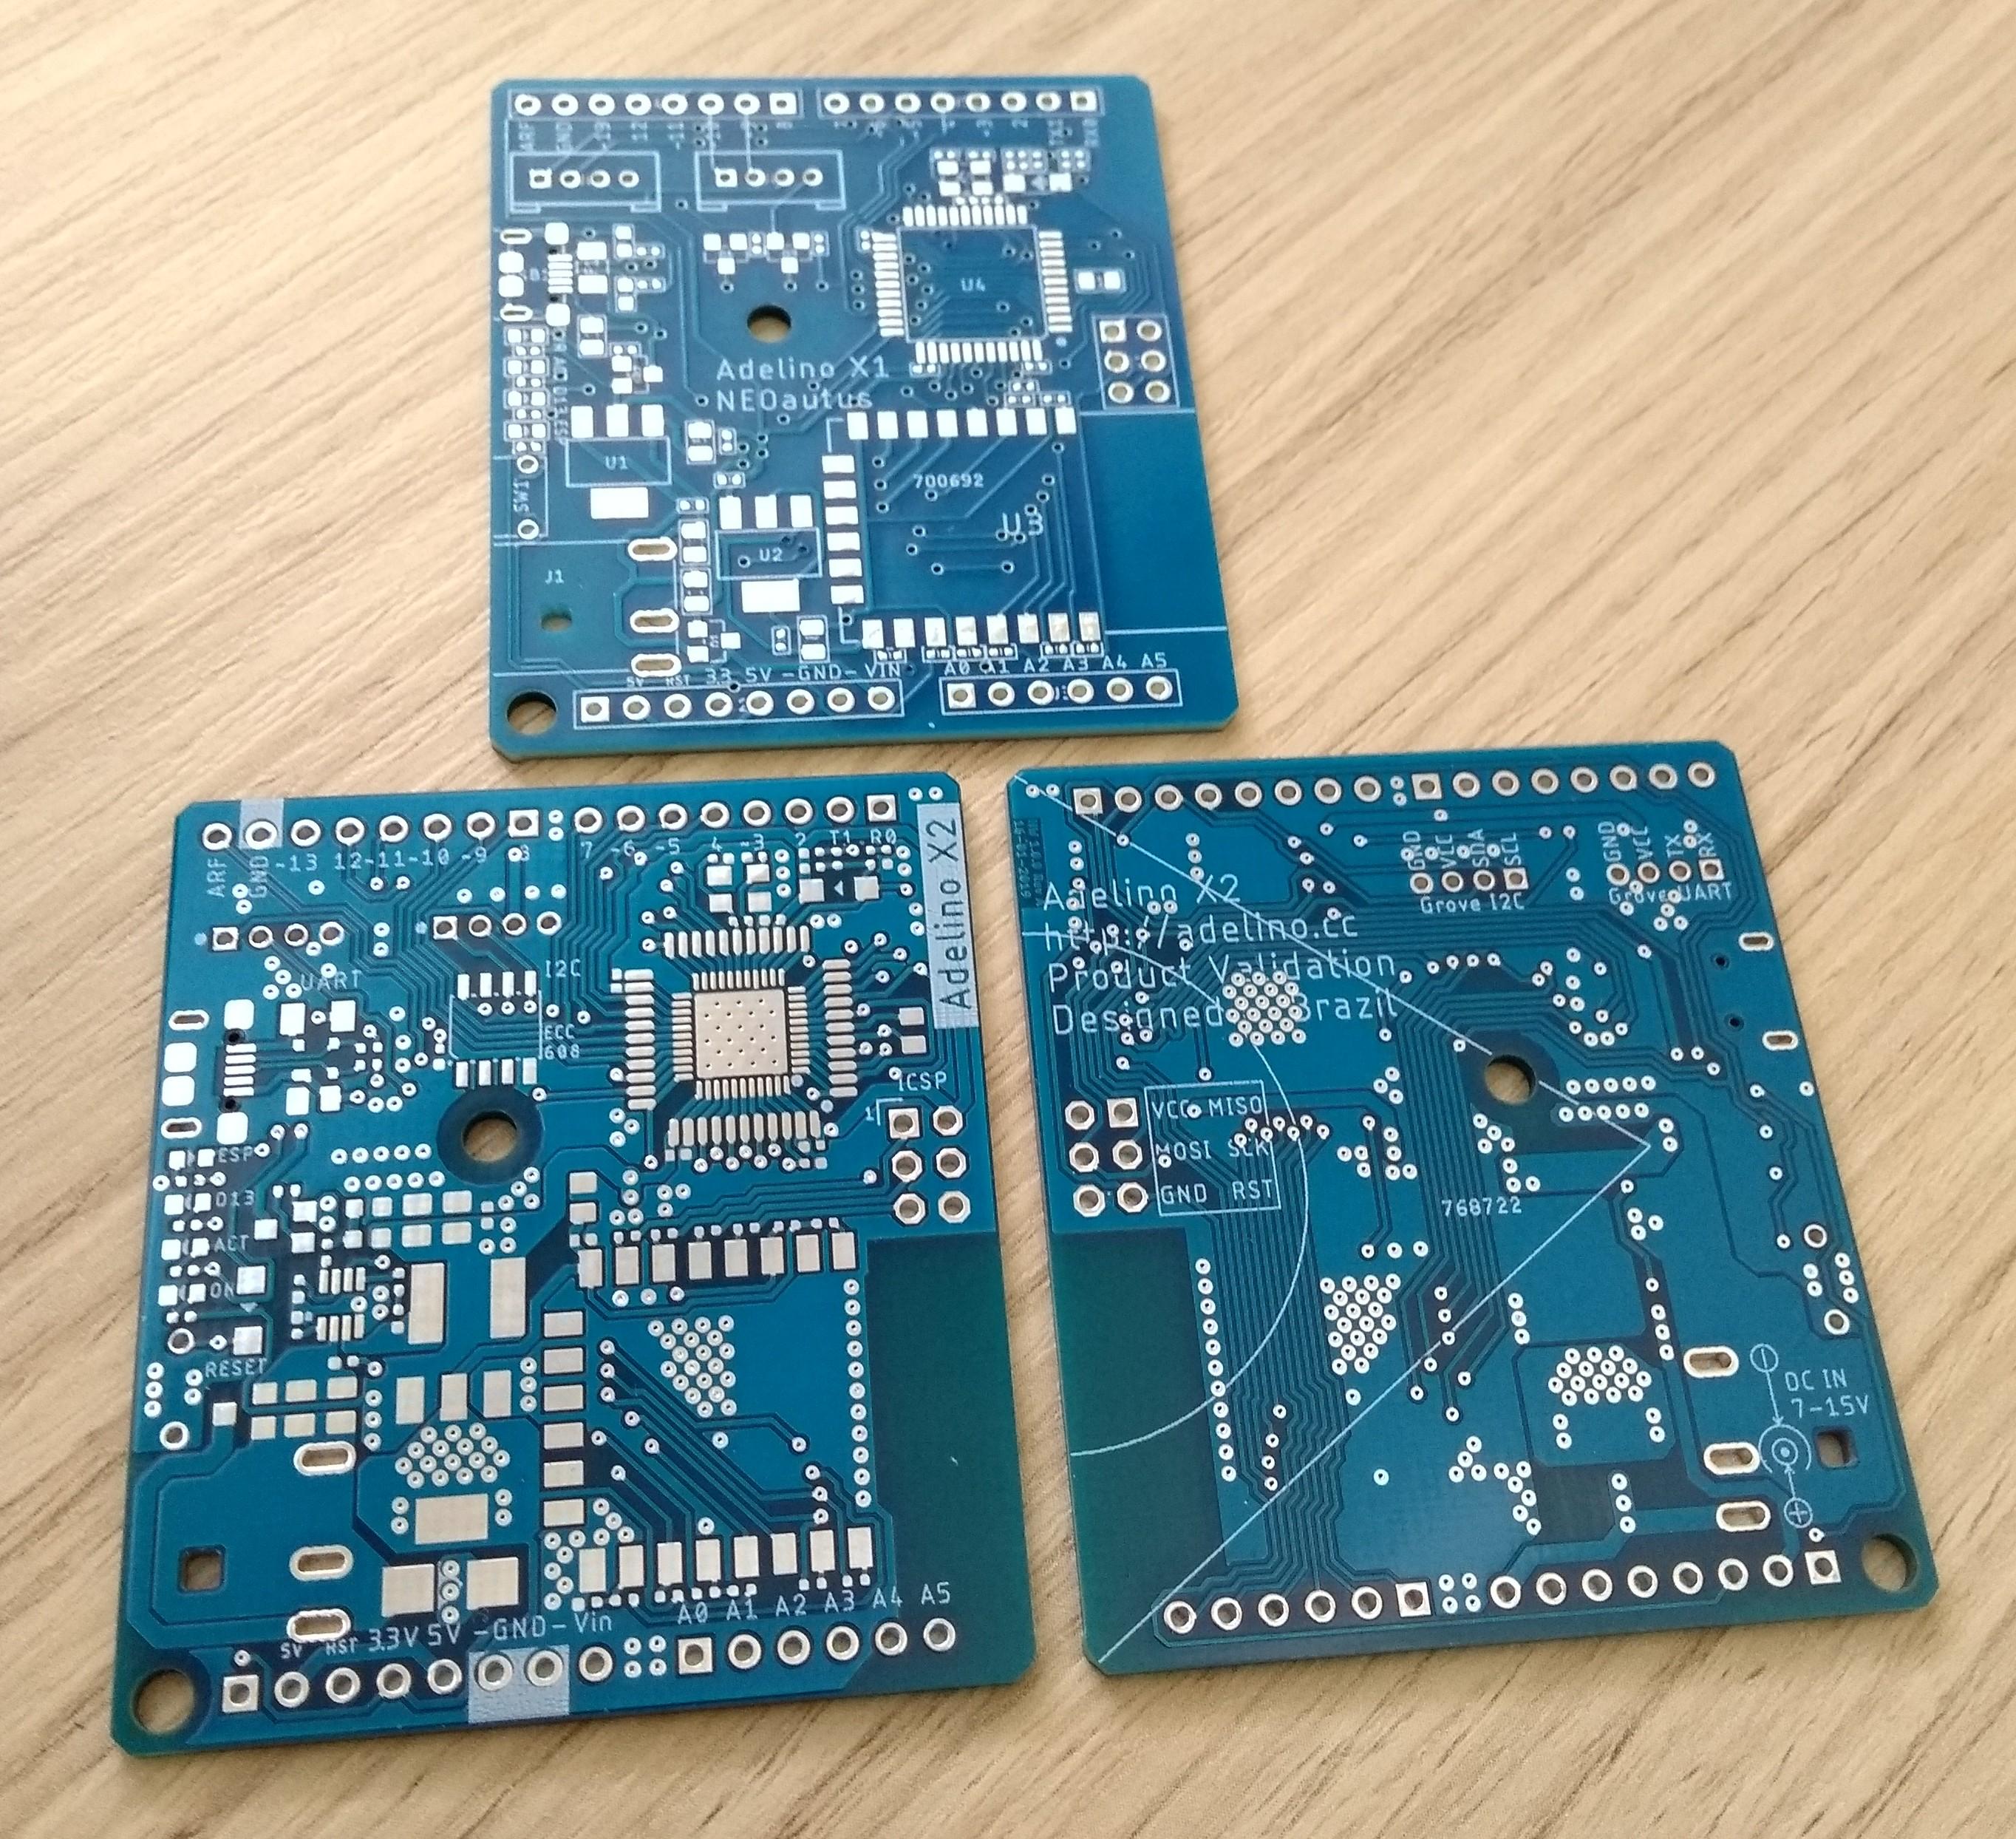 Adelino X2 PCBs